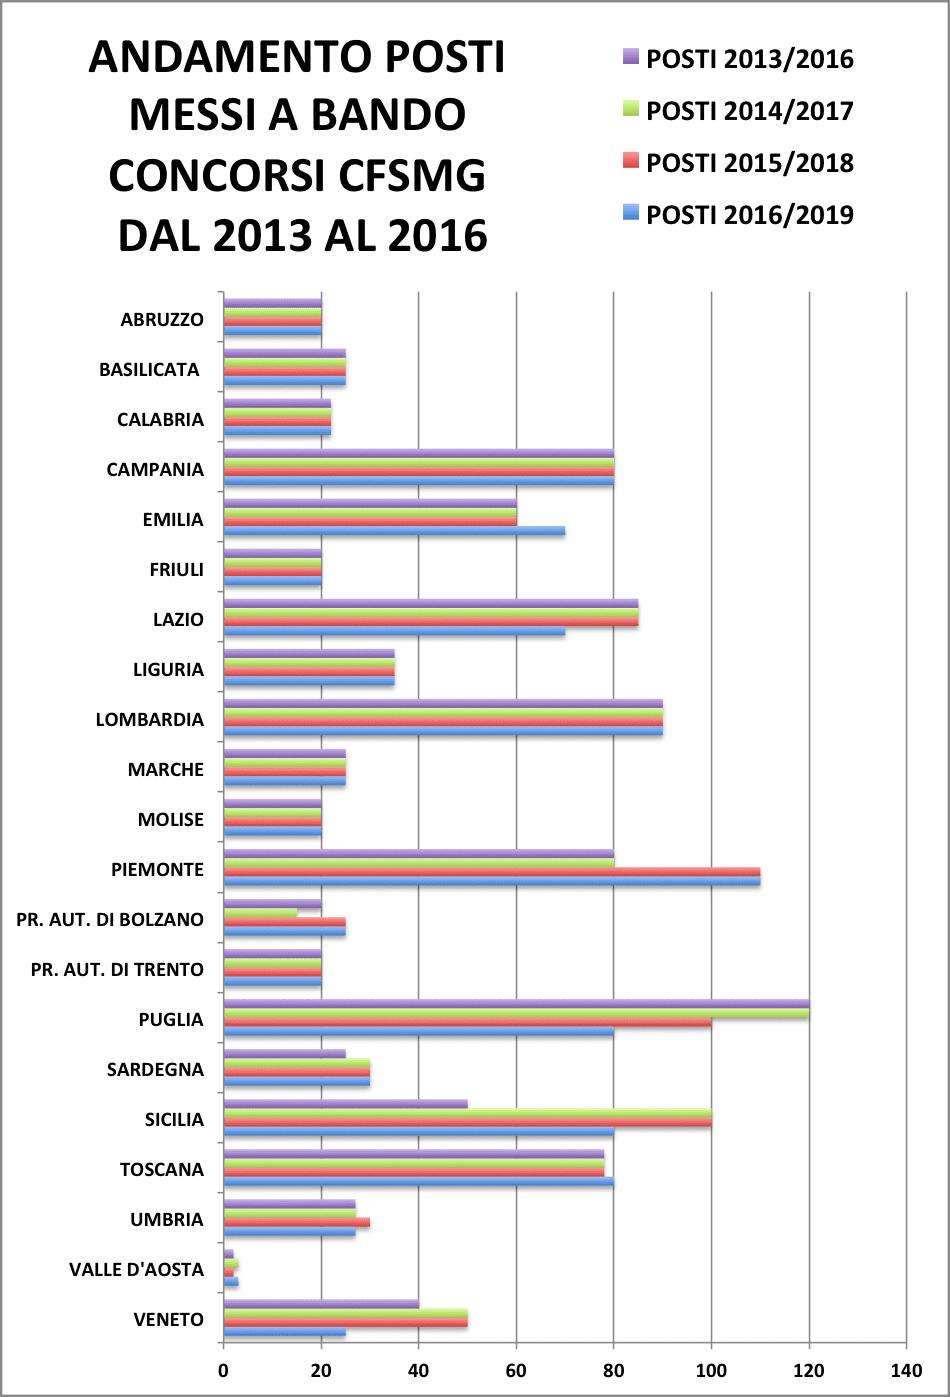 ANDAMENTO POSTI MESSI A BANDO CONCORSI CFSMG DAL 2013 AL 2016